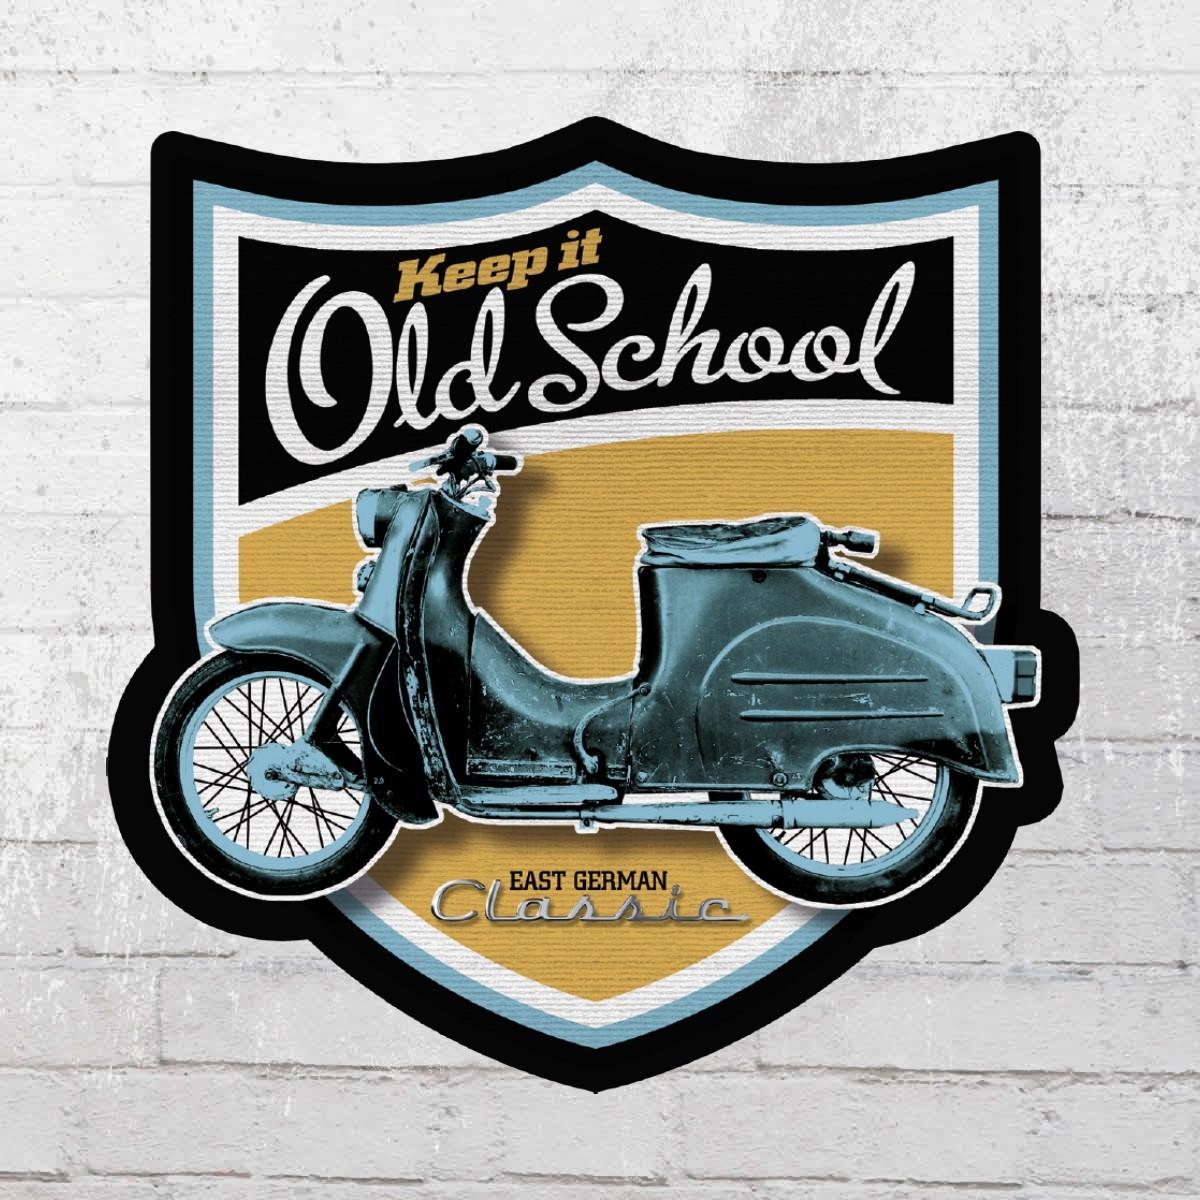 Bordstein Streetwear 5 Stück Aufkleber KR 50 Old School Wappen